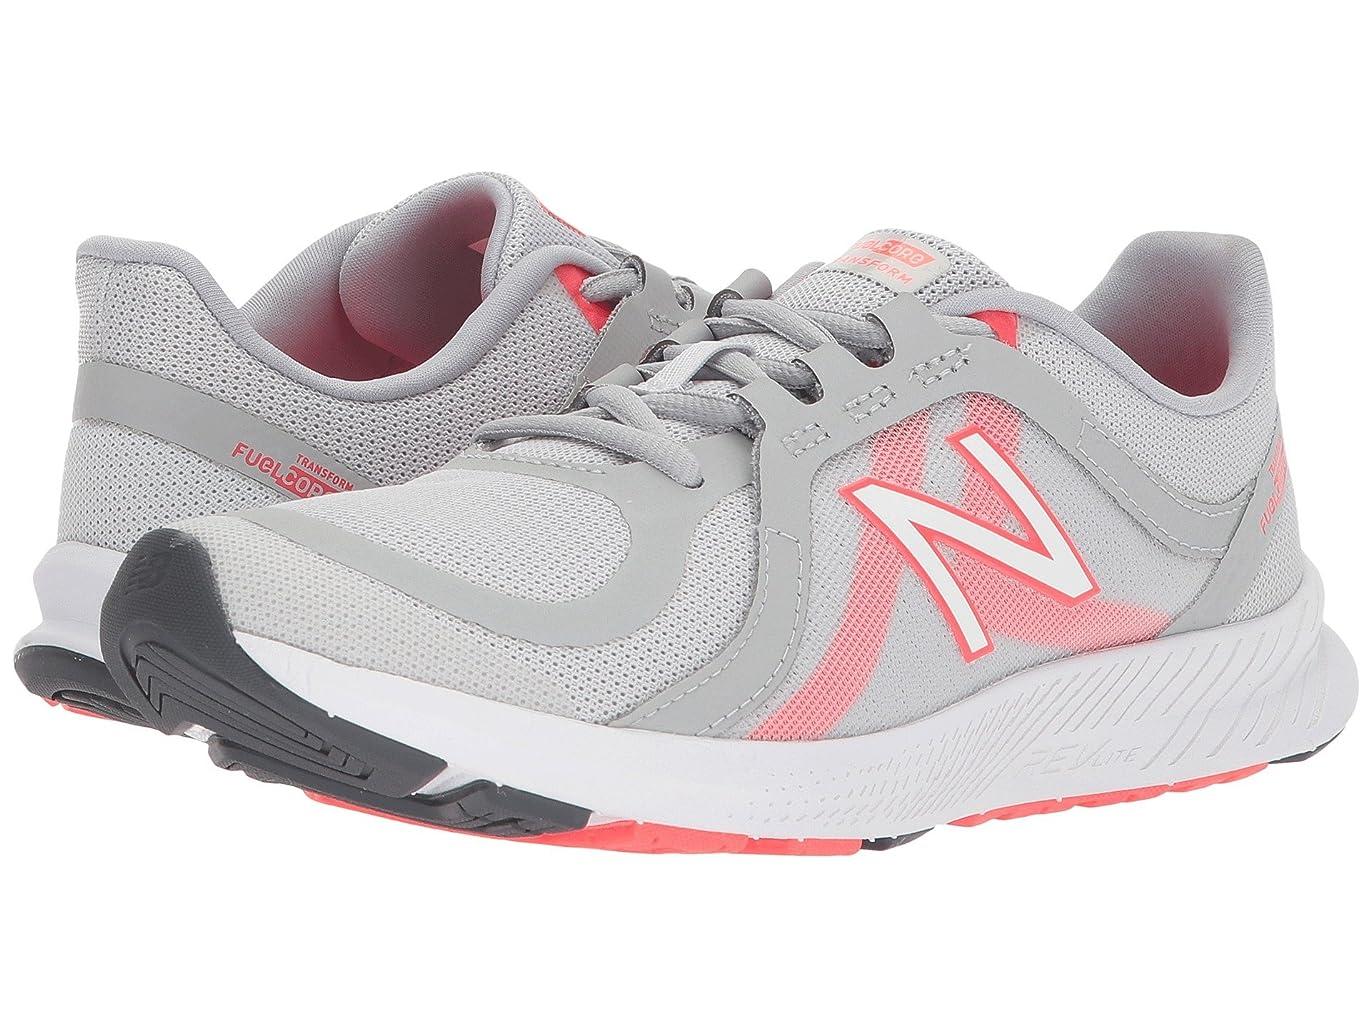 泥棒二年生ジュニア(ニューバランス) New Balance レディーストレーニング?競技用シューズ?靴 WX77v2 Arctic Fox/Silver Mink 10 (27cm) B - Medium